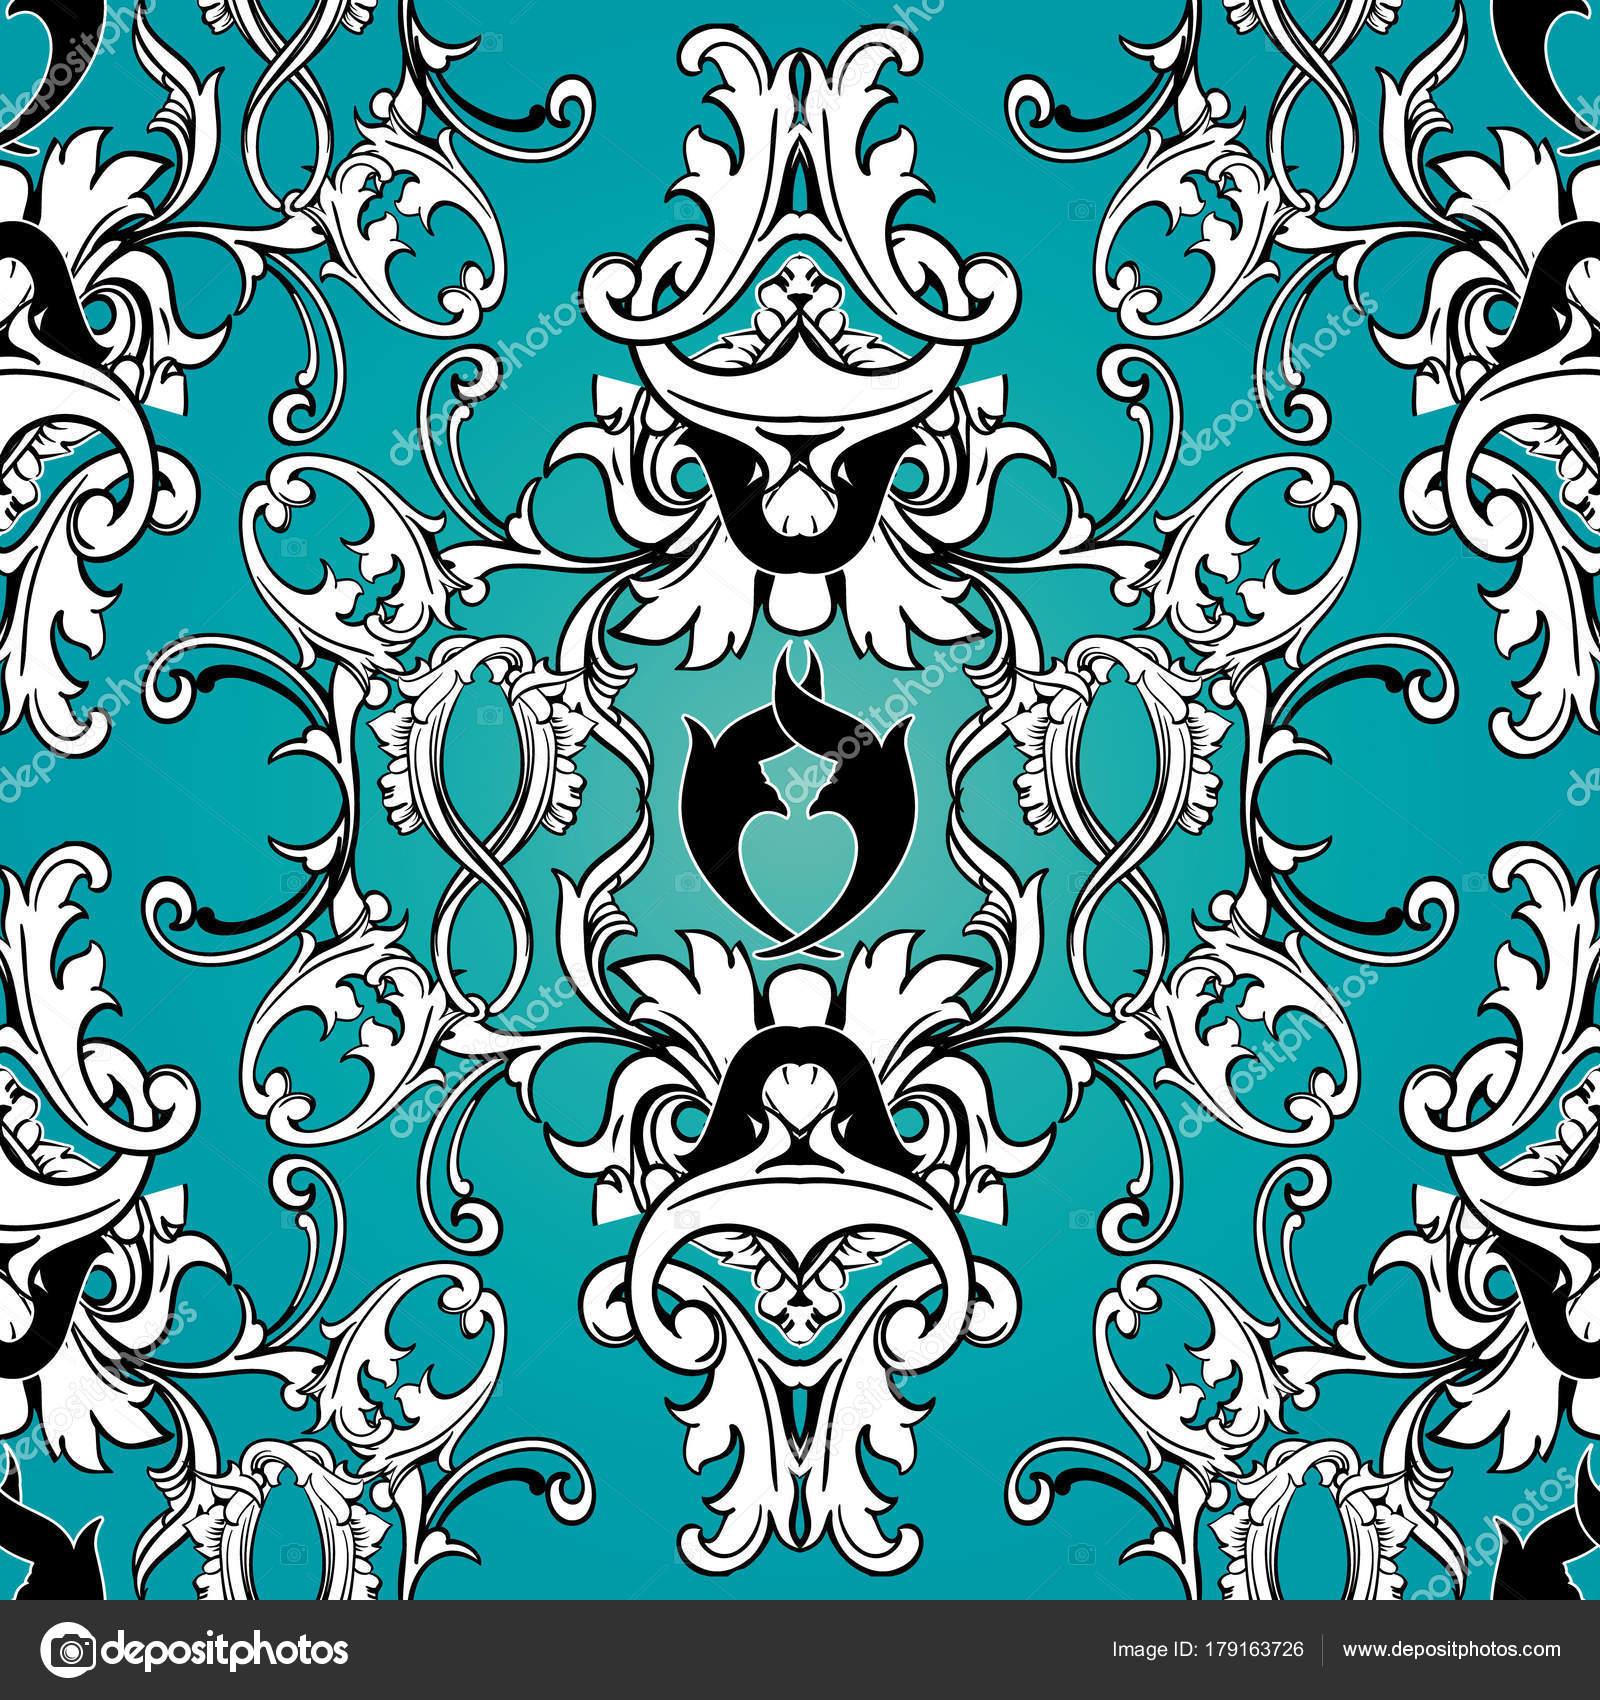 6e1e31c7dd88 Padrão sem emenda floral do Damasco. Papel de parede plano de fundo azul  claro com preto branco pergaminho redemoinho de folhas, flores de Damasco e  ...